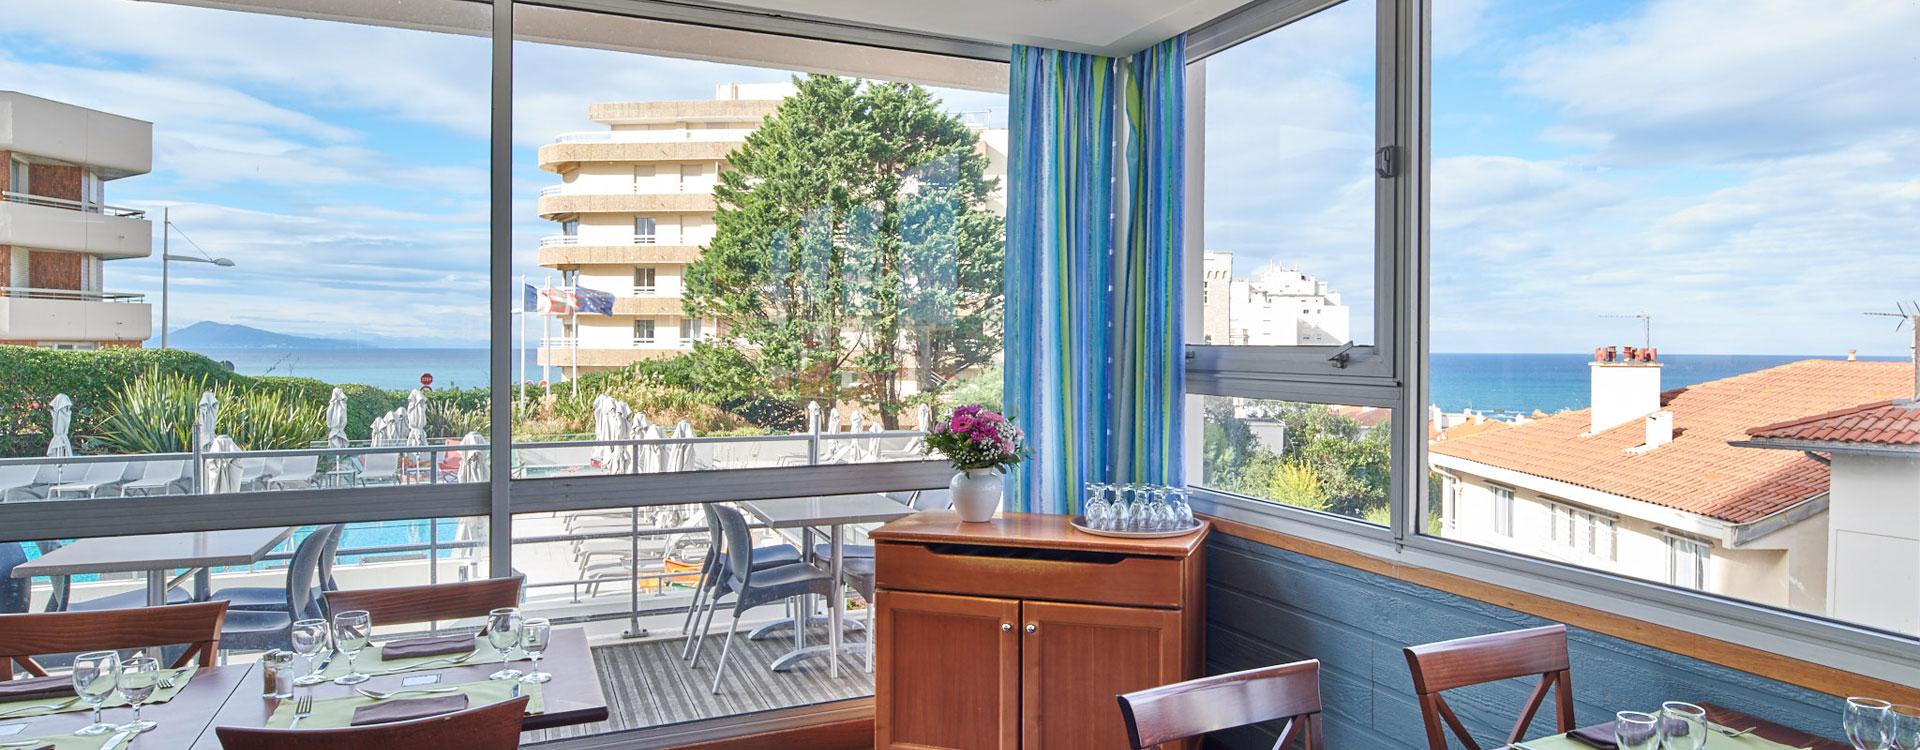 restaurant vue mer biarritz